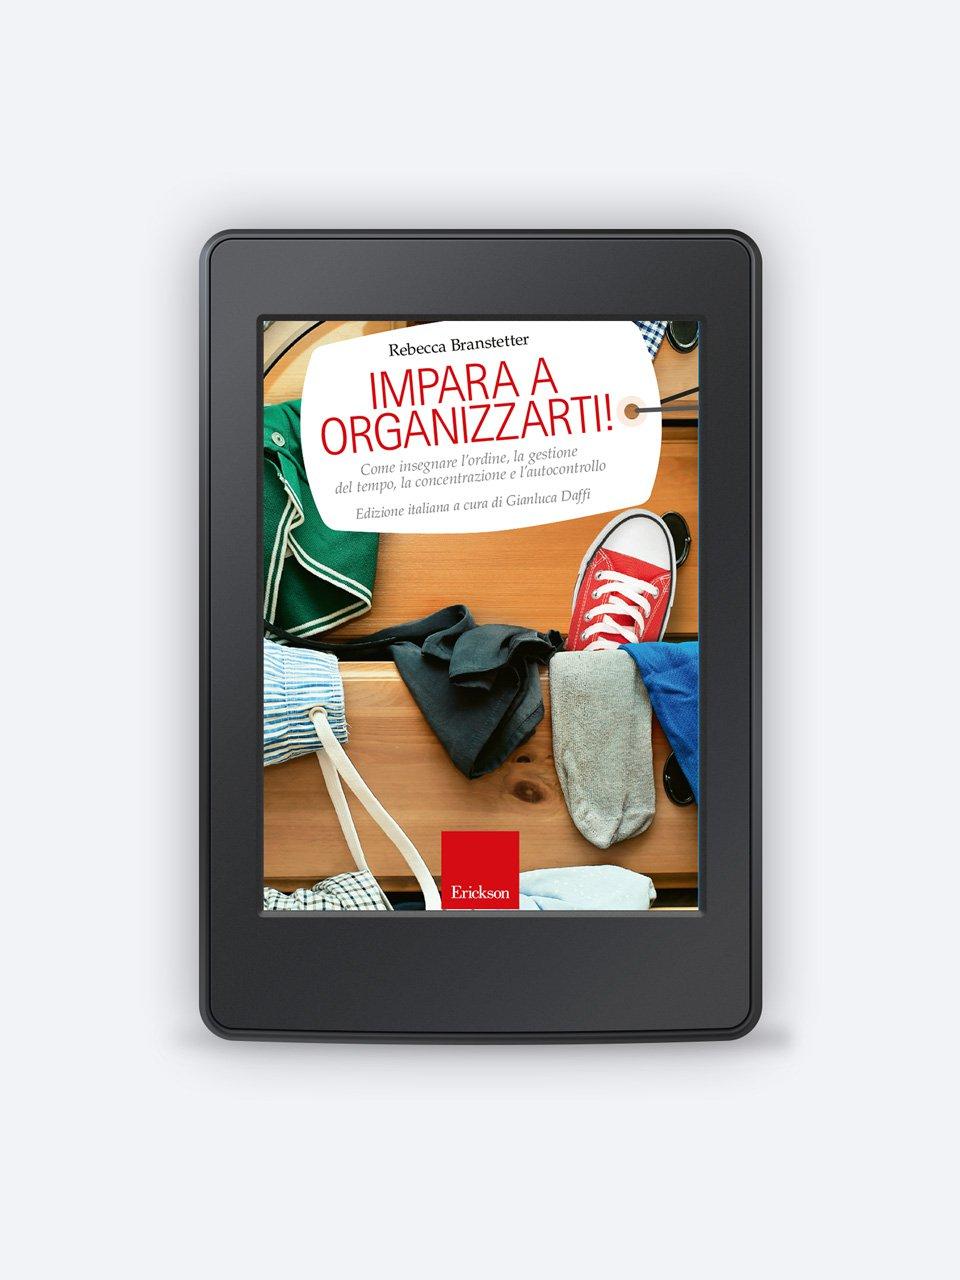 Impara a organizzarti! - Laboratorio di potenziamento dell'attenzione - Libri - App e software - Erickson